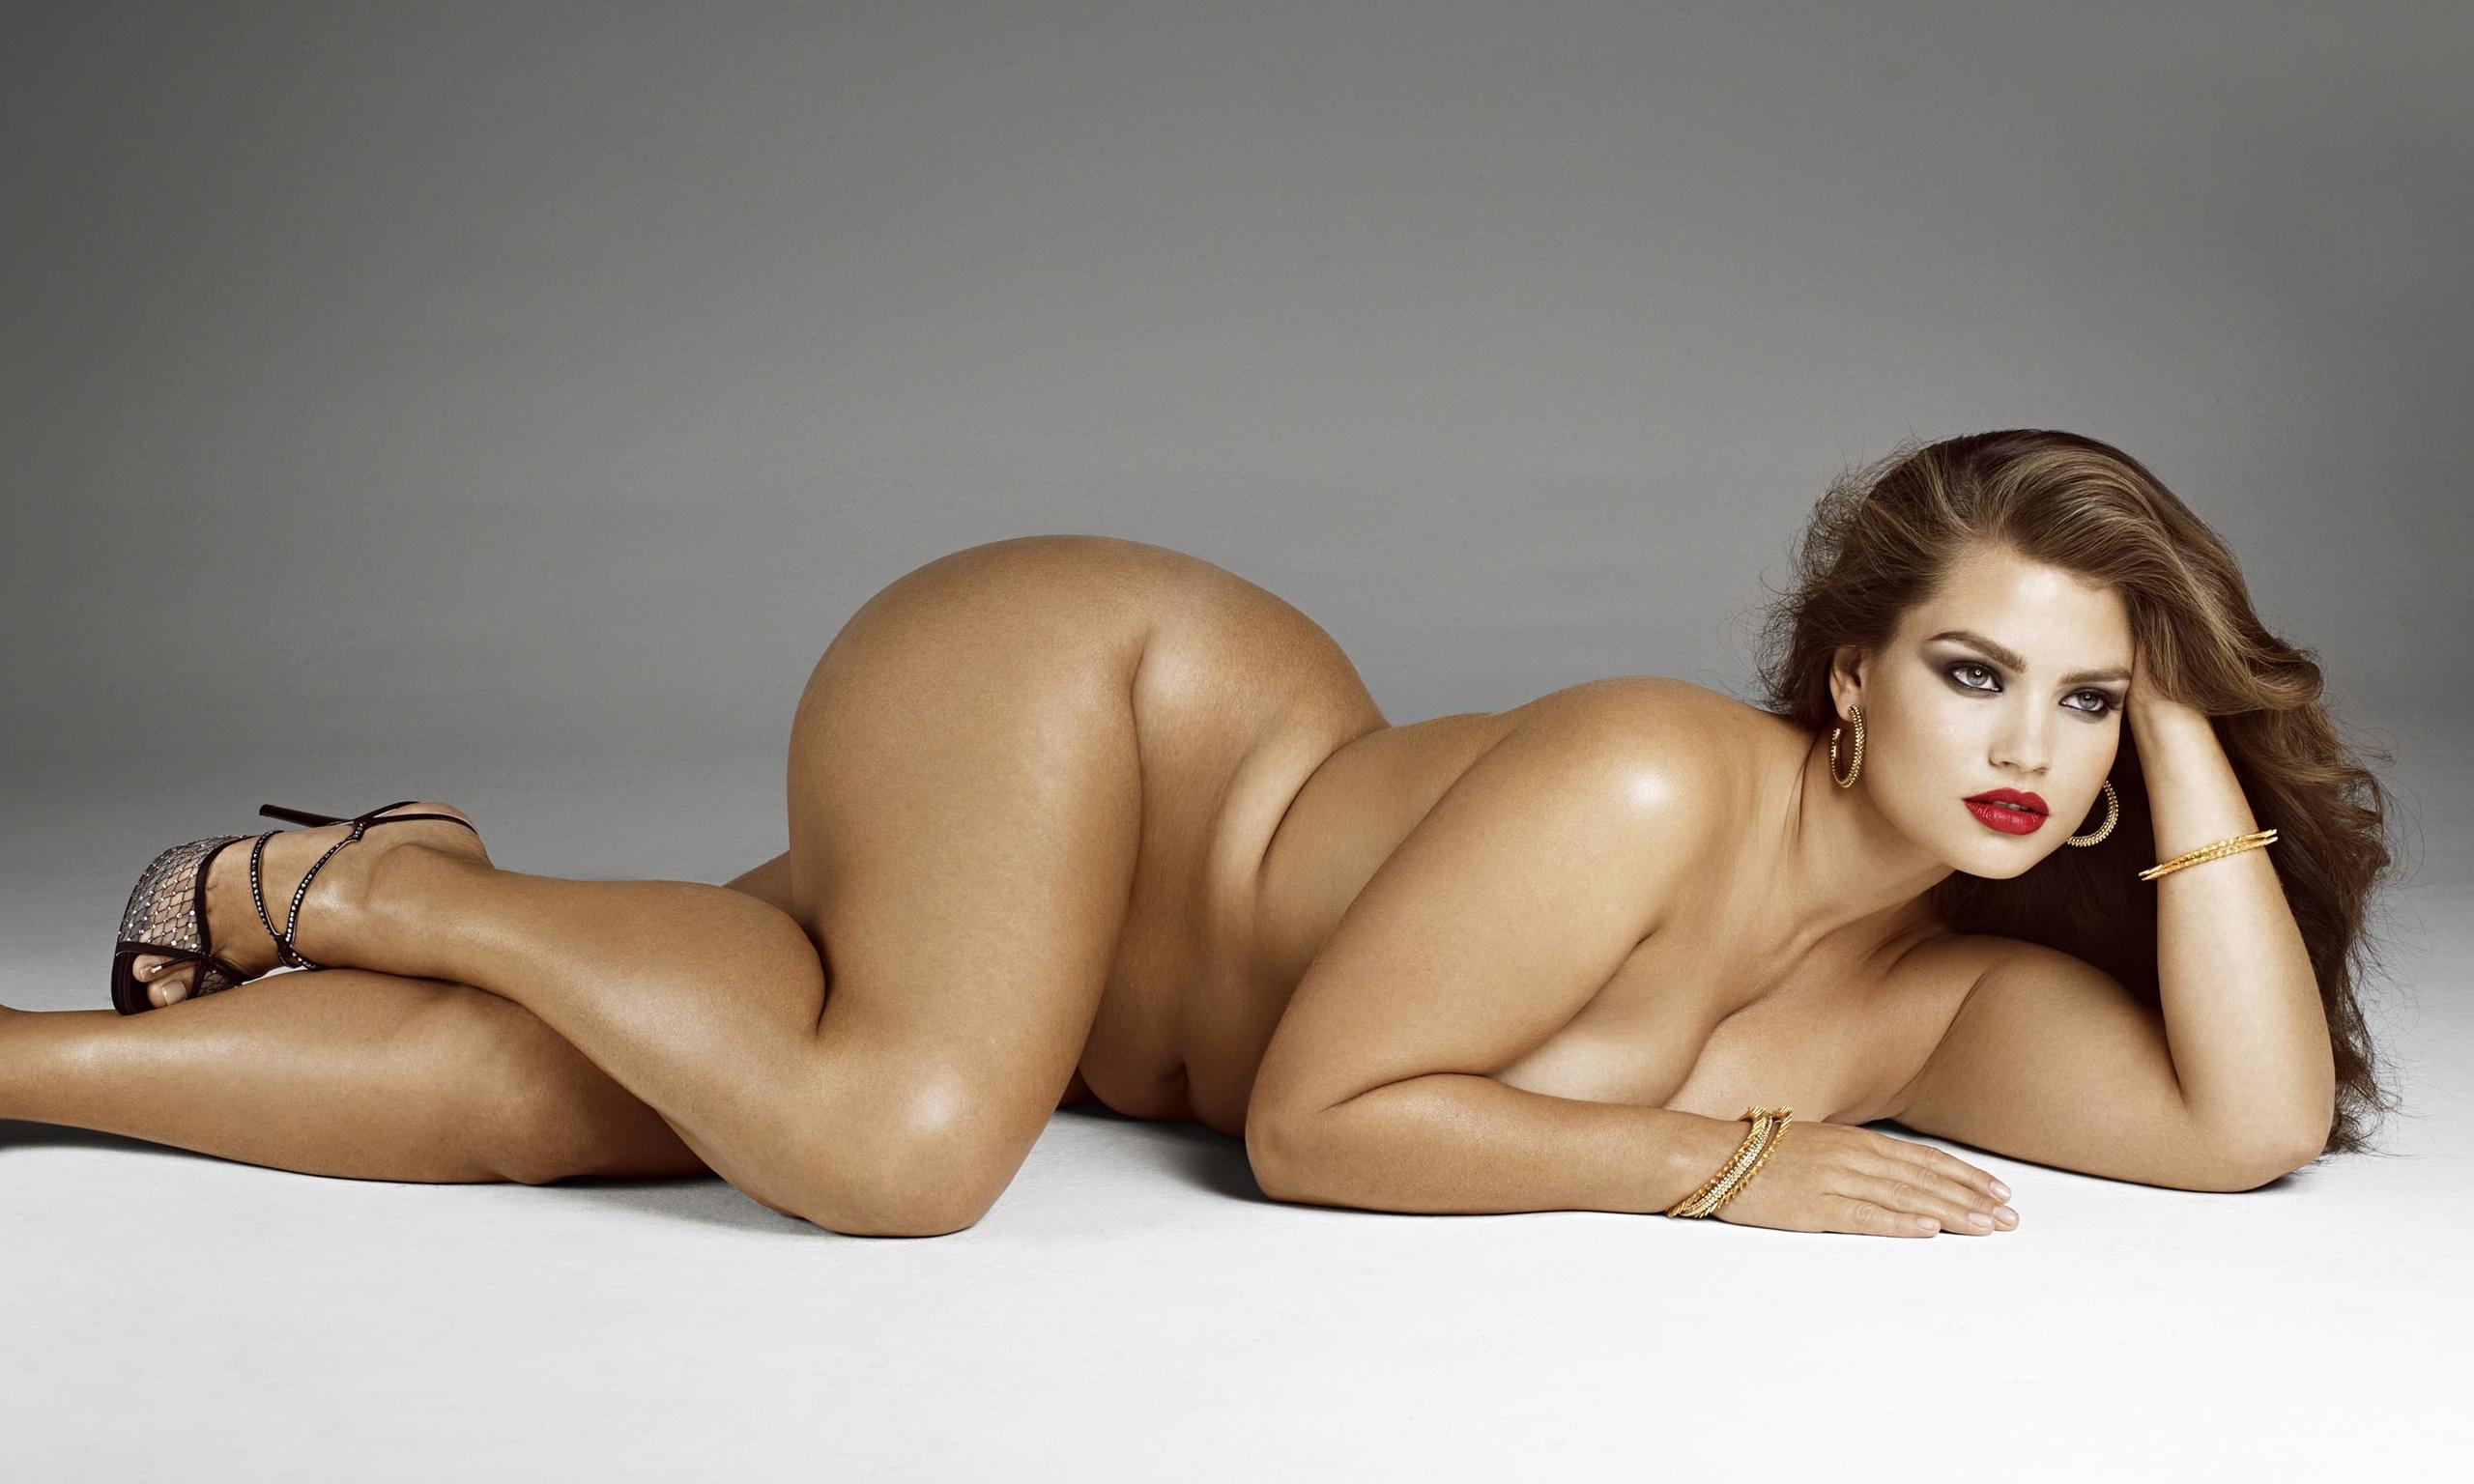 Самые сексуальные и красивые девушки мира картинки 15 фотография